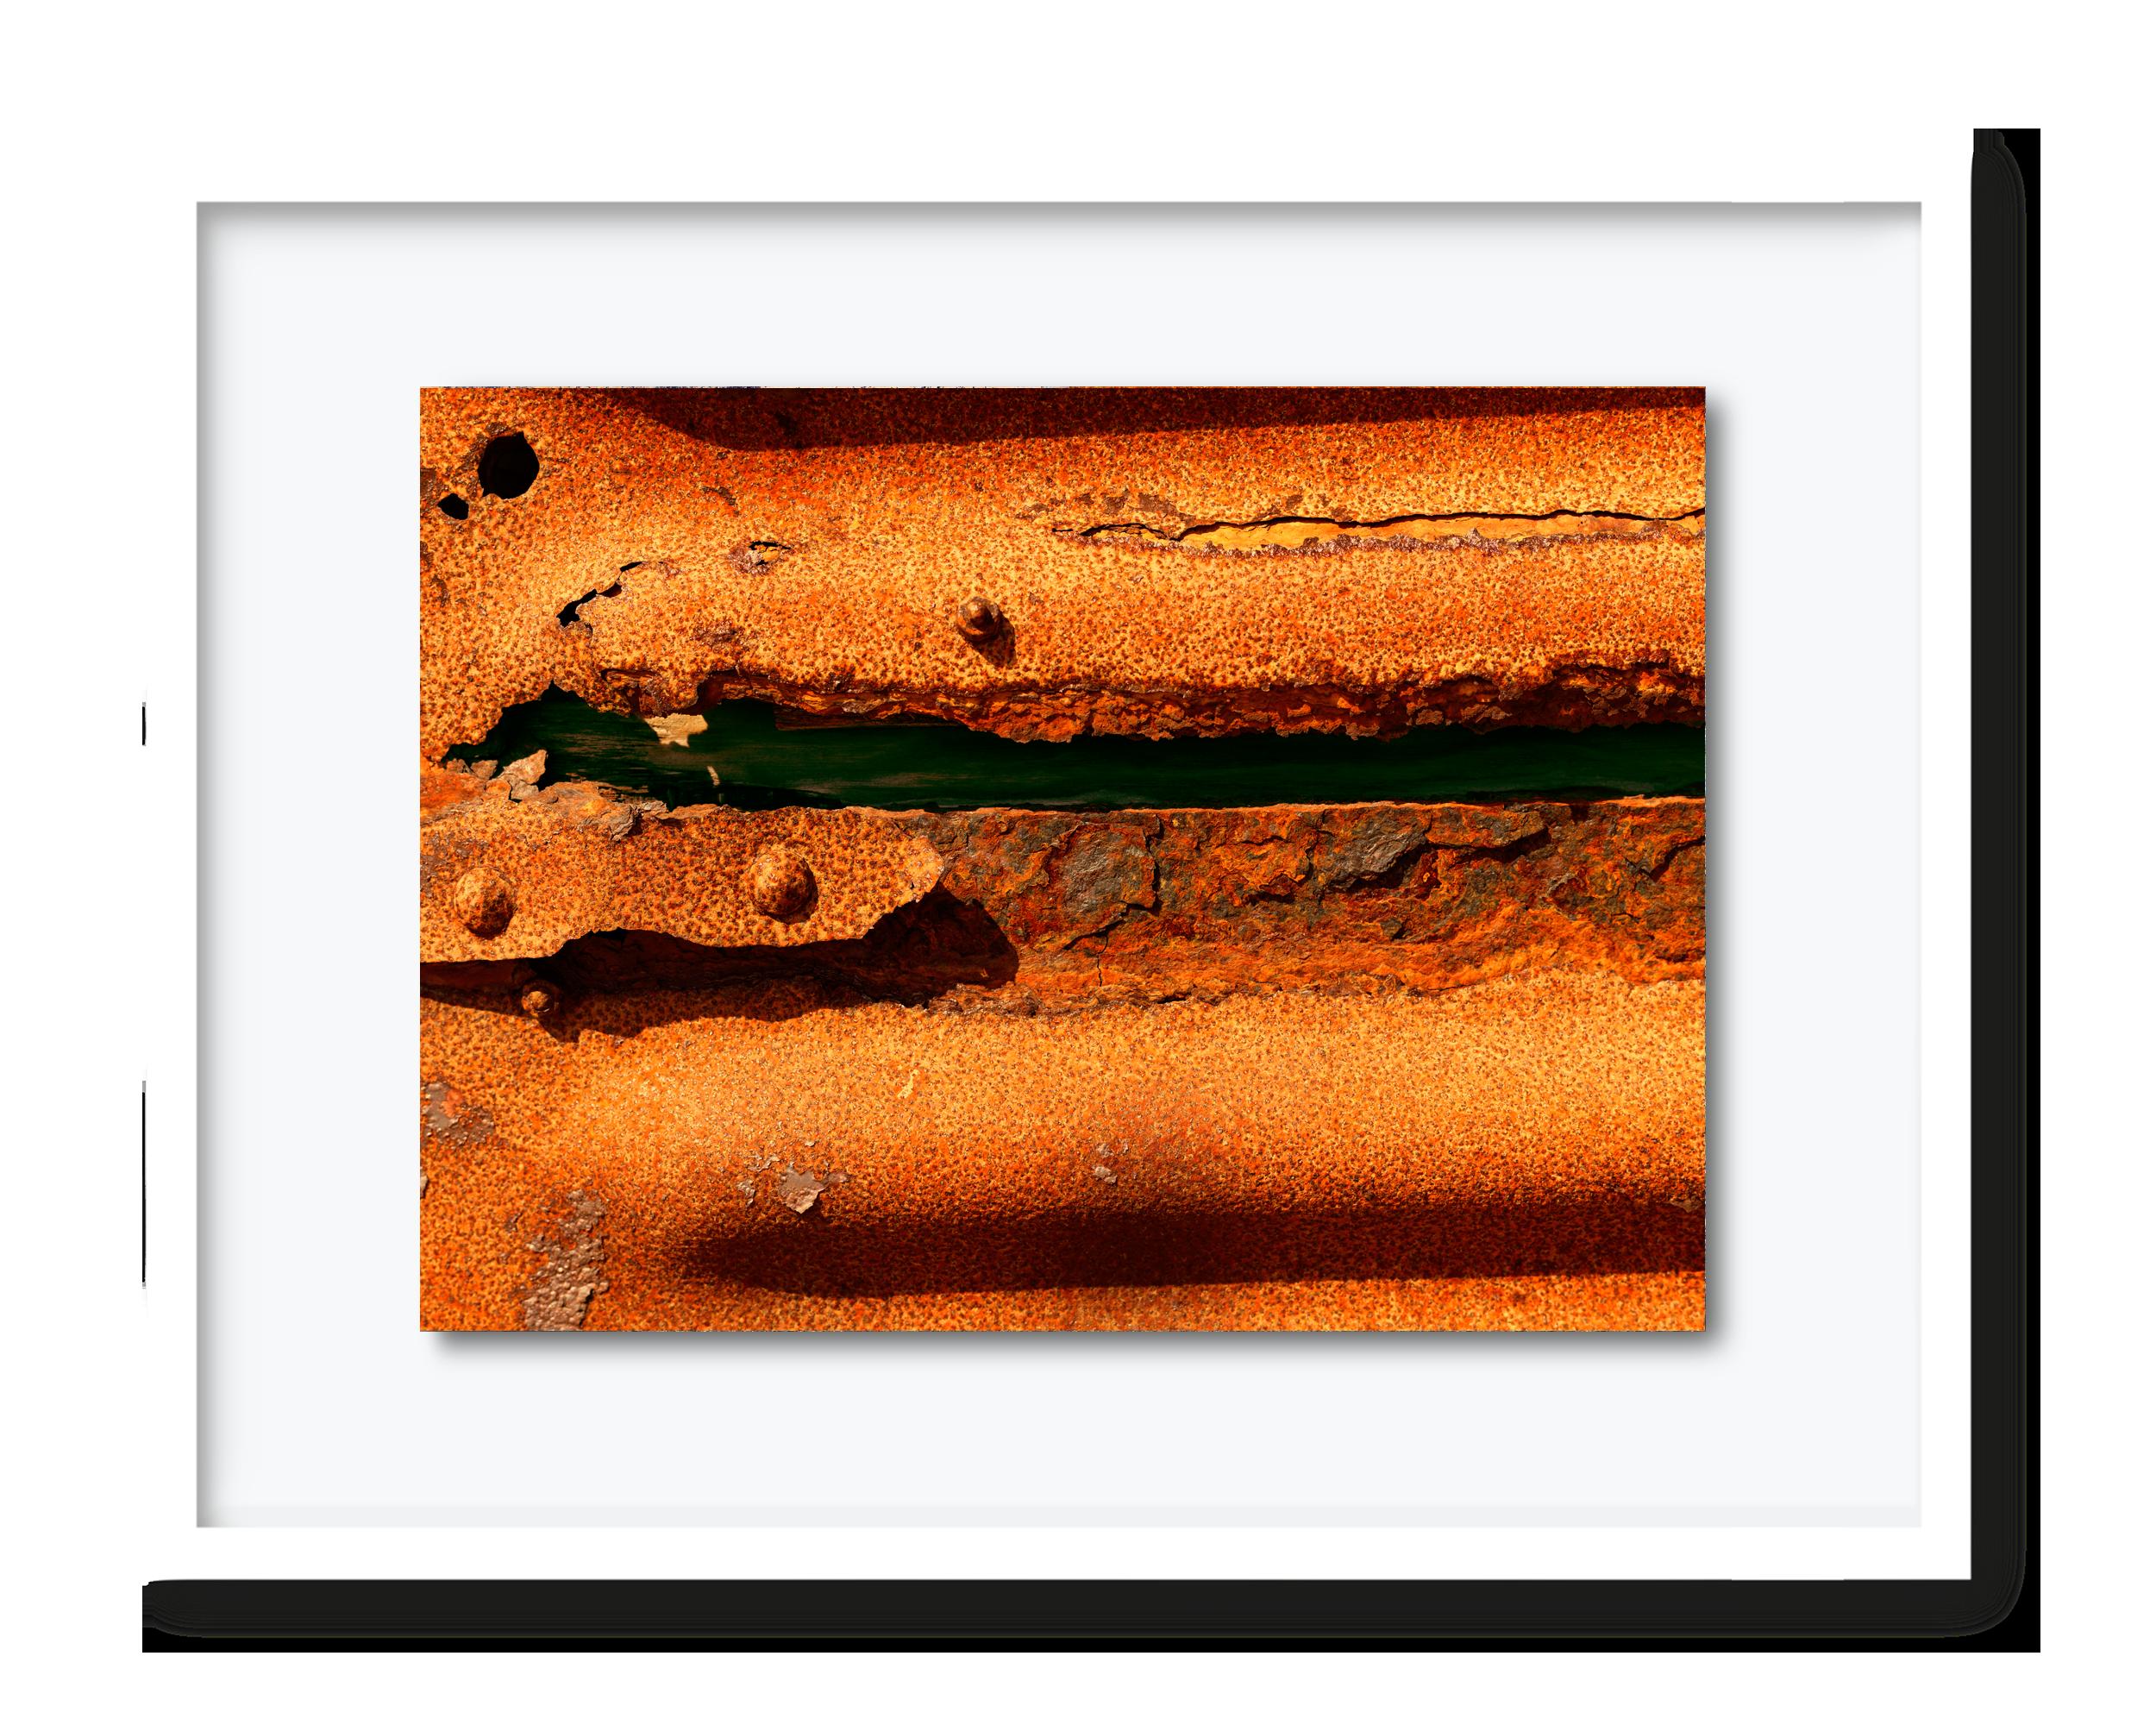 64.david-pearce-rust-texture.png